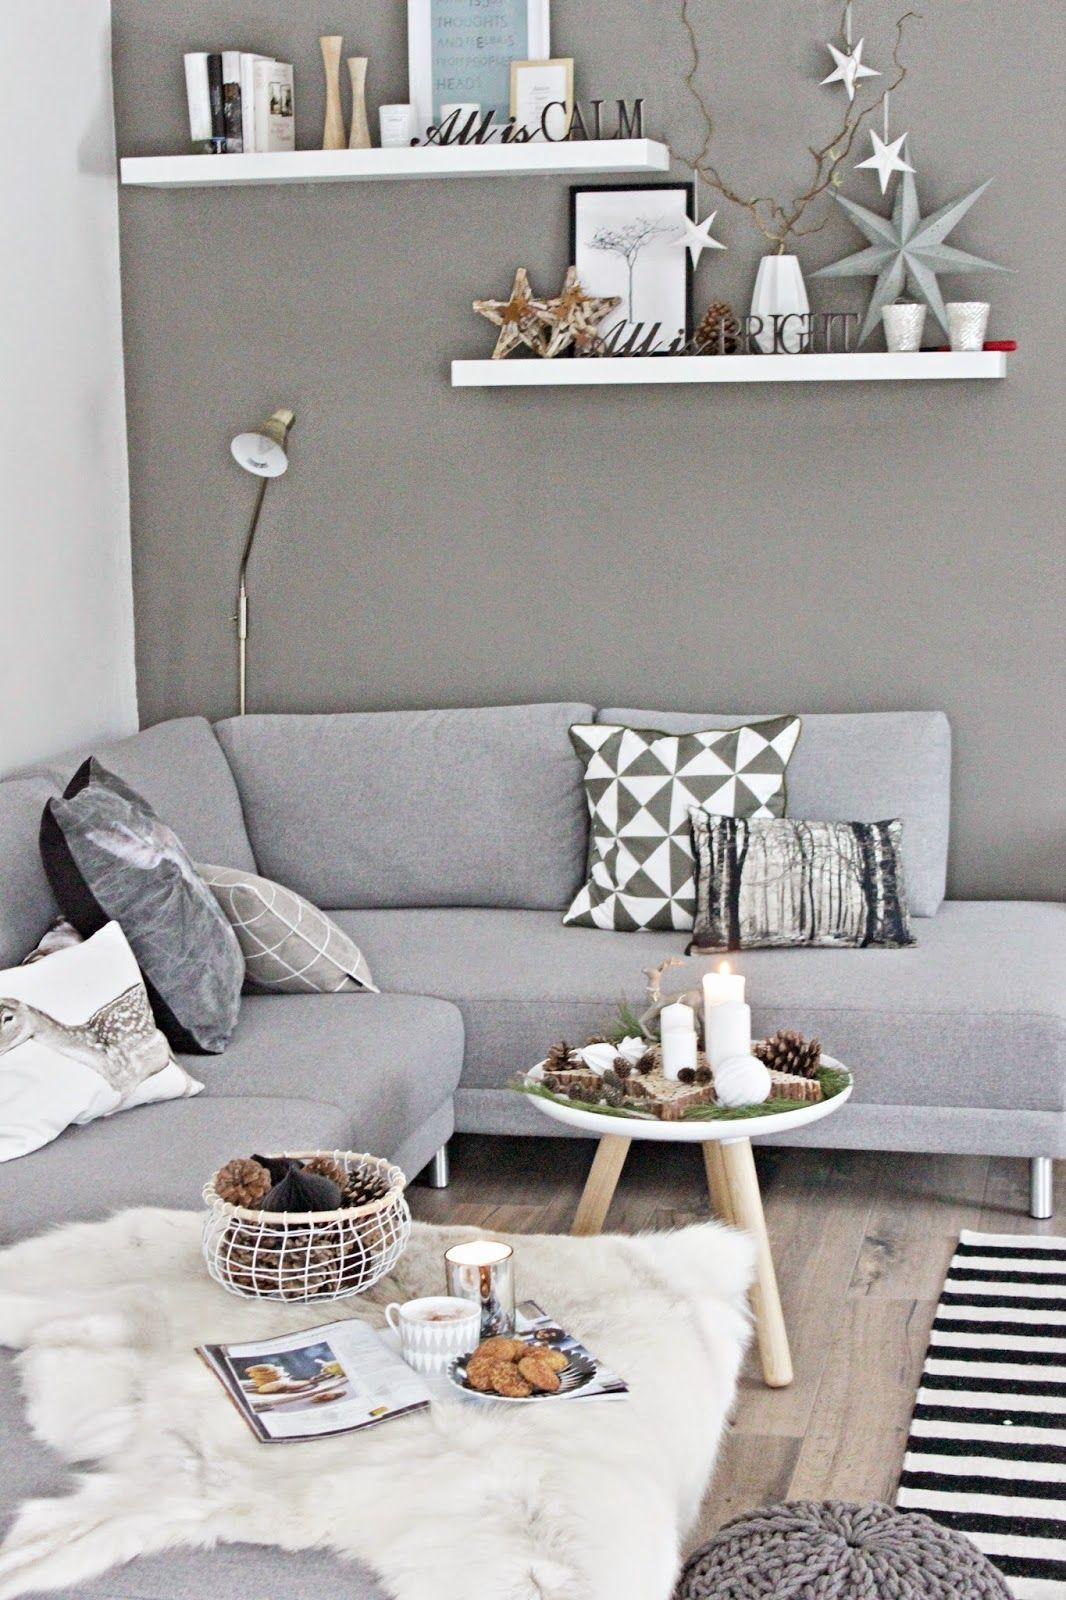 Fantastisch #Wohnzimmer #Wohnung #Immobilienscout24 U003eu003e Wohnen In Grau Und Weiß |  Livingdreams